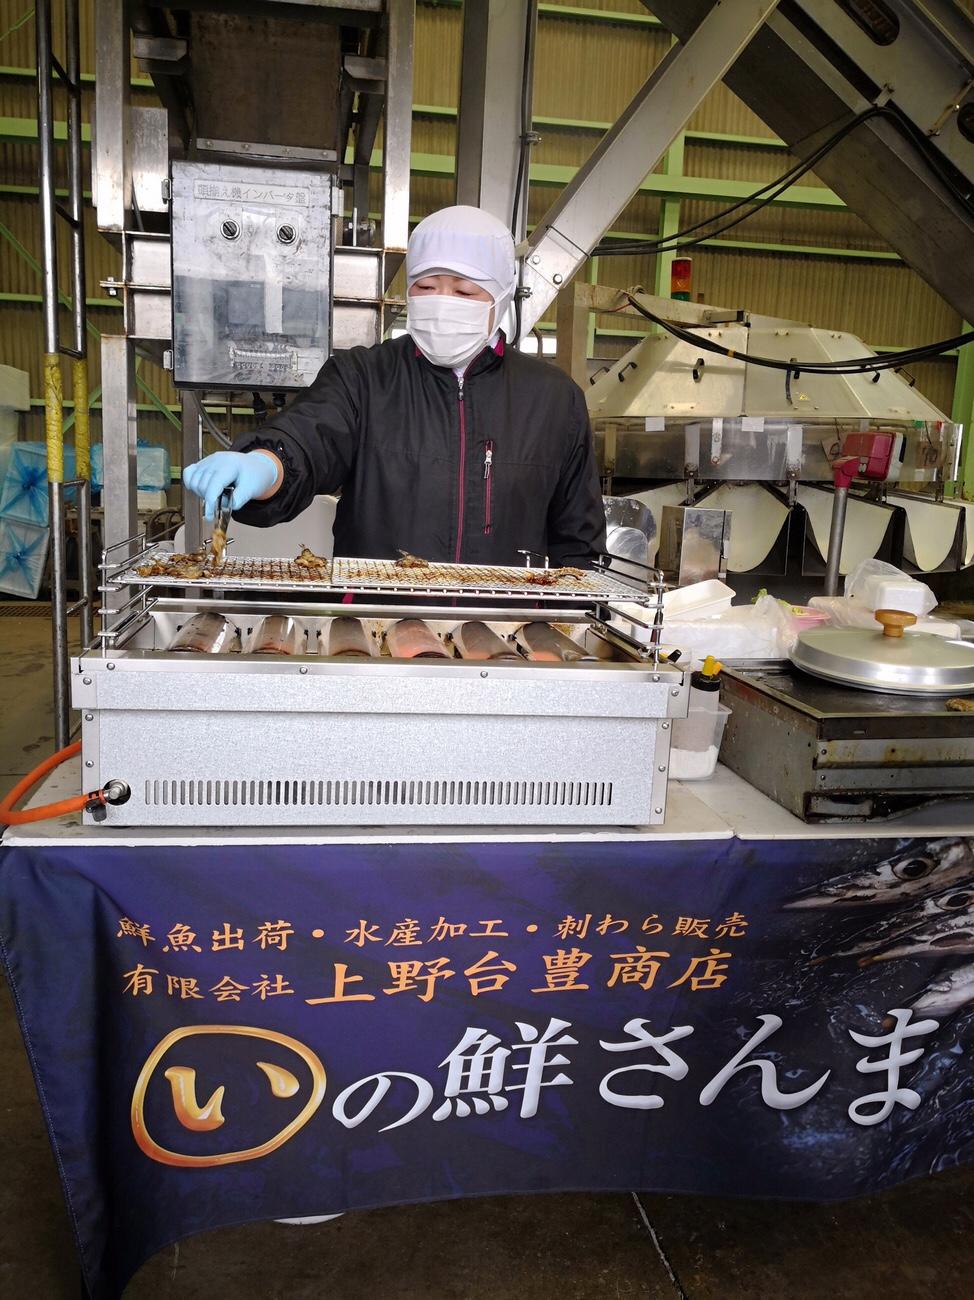 上野台豊商店 さんまのみりん干しさんまのぽーぽー焼き